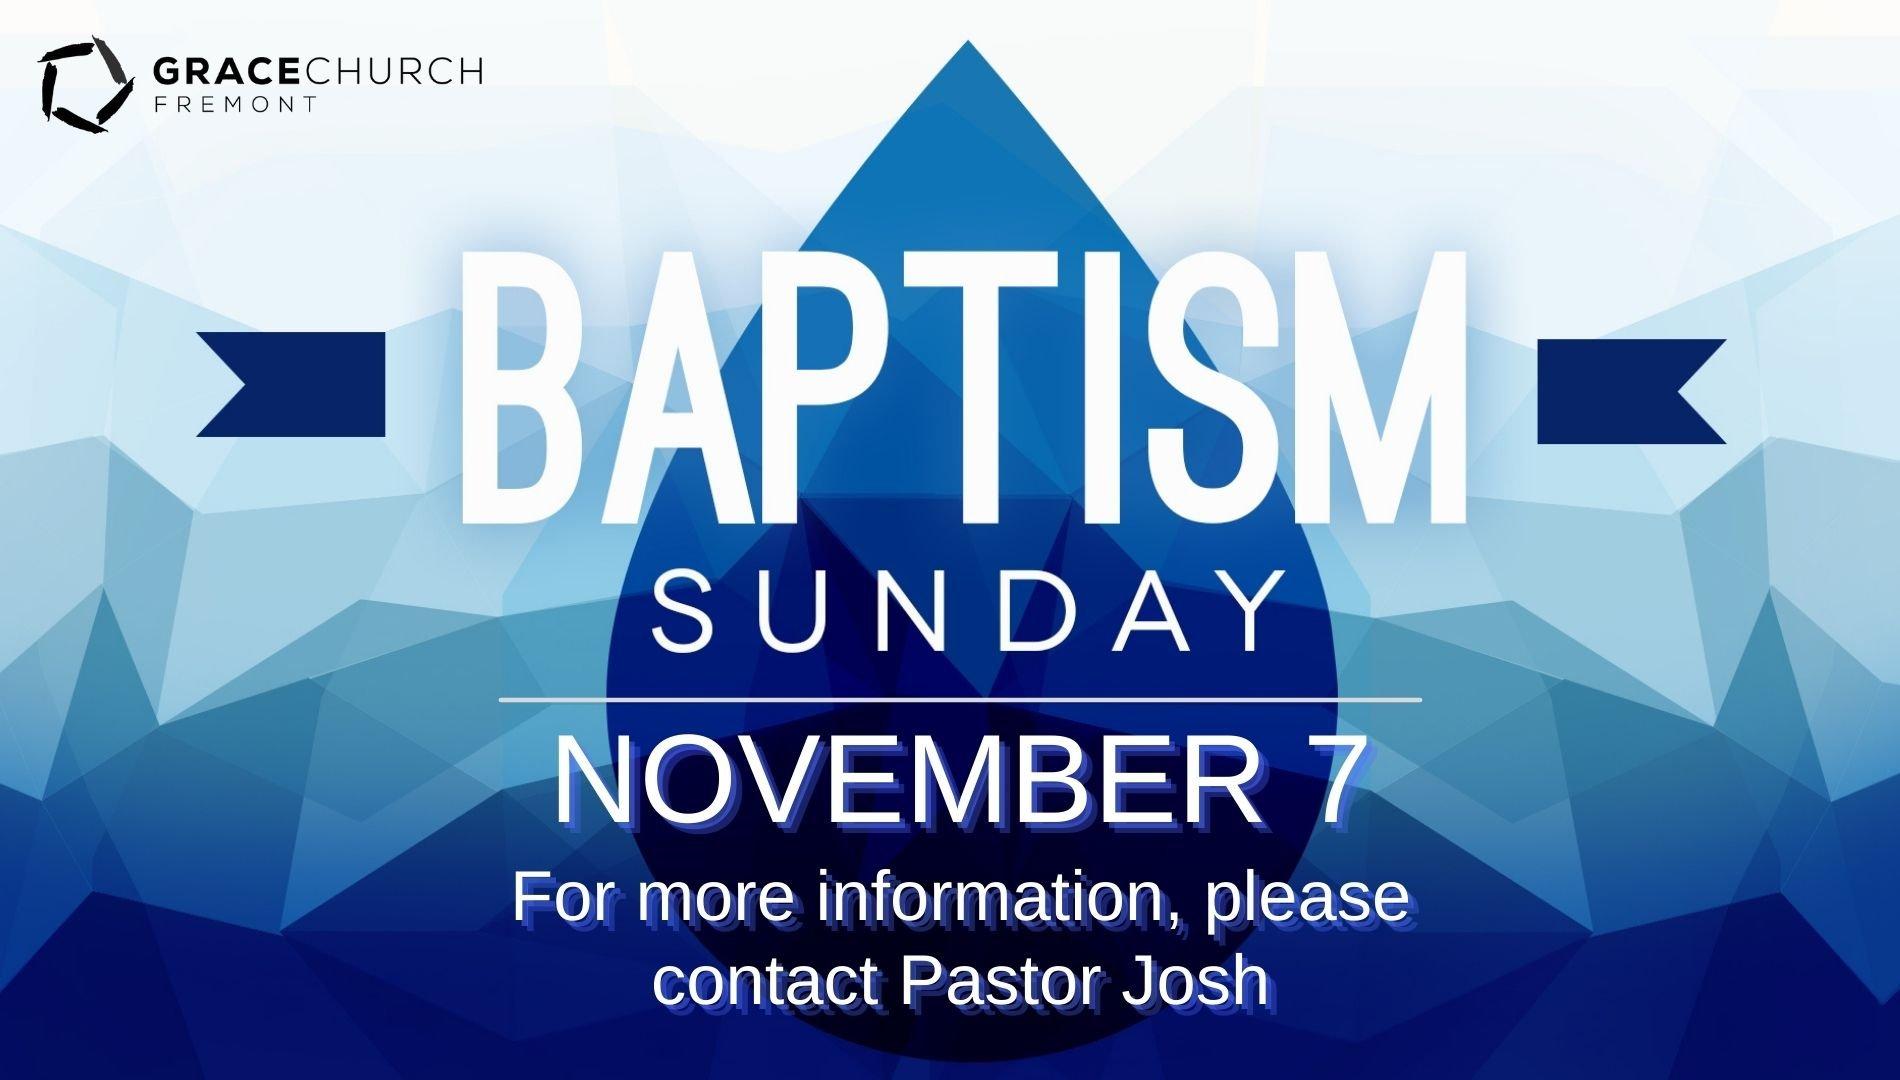 Baptism Sunday Updated (1900 x 1080 px)